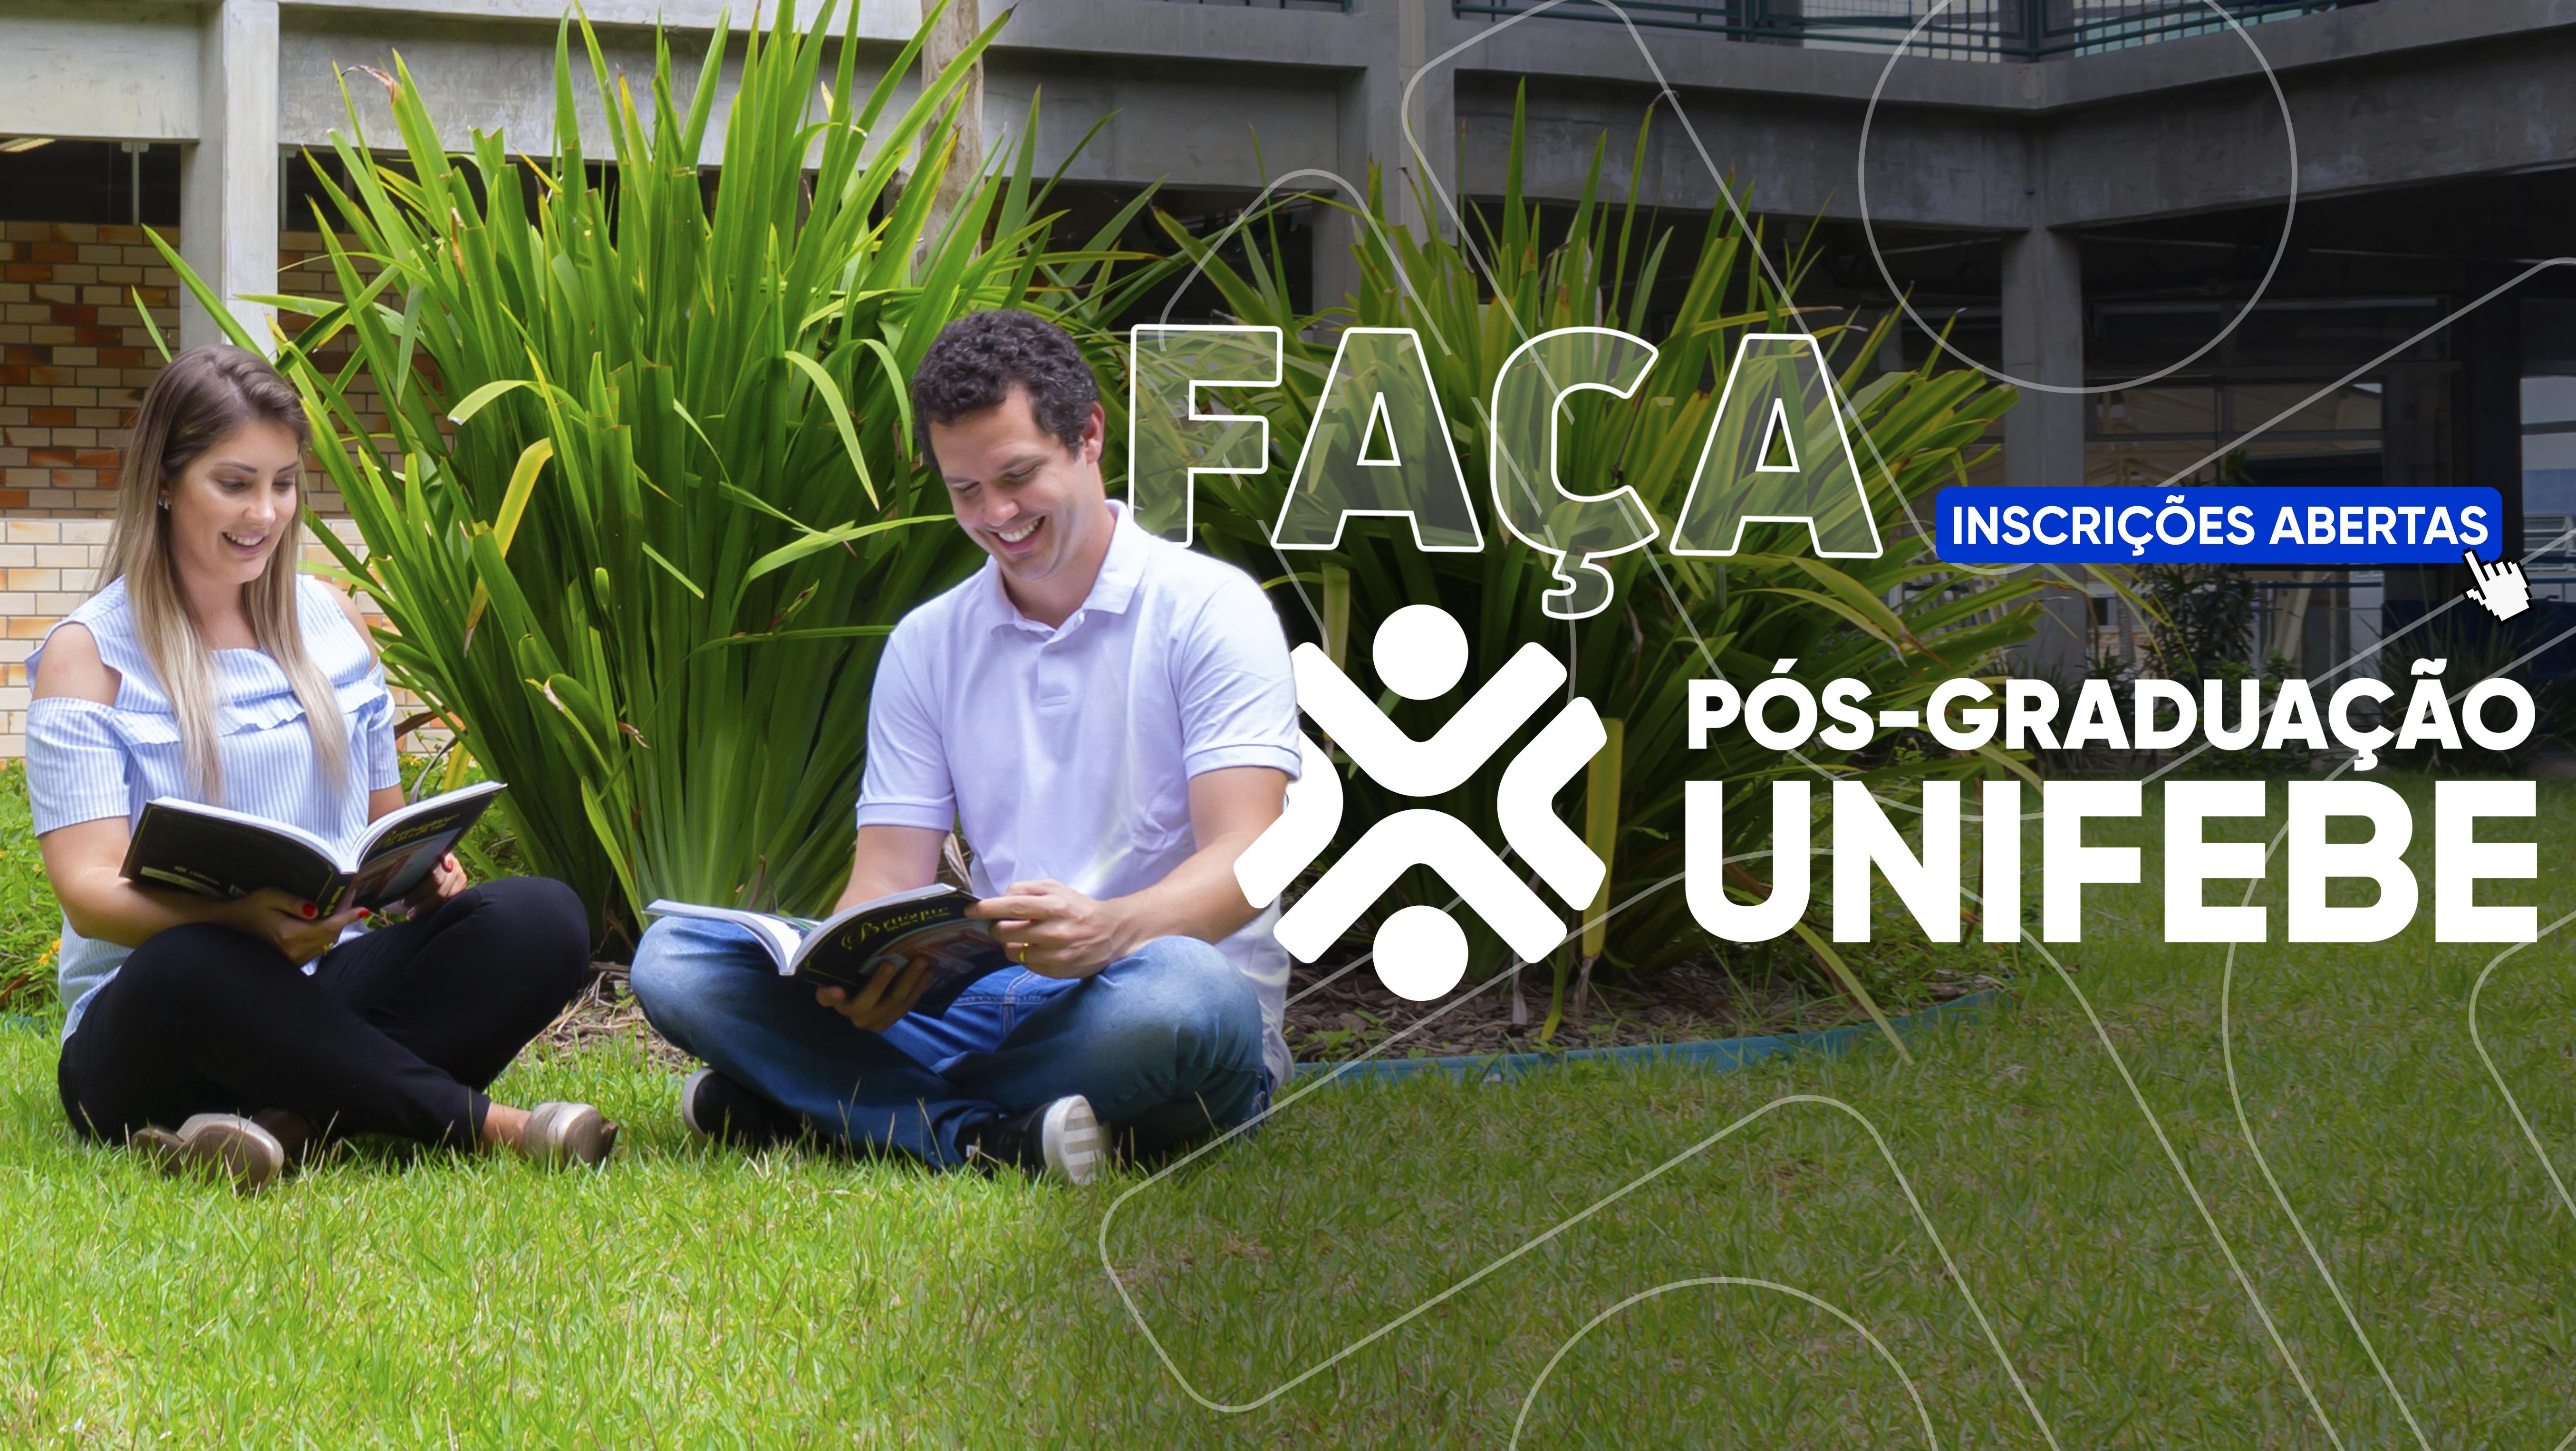 UNIFEBE abre inscrições para cursos de Pós-Graduação